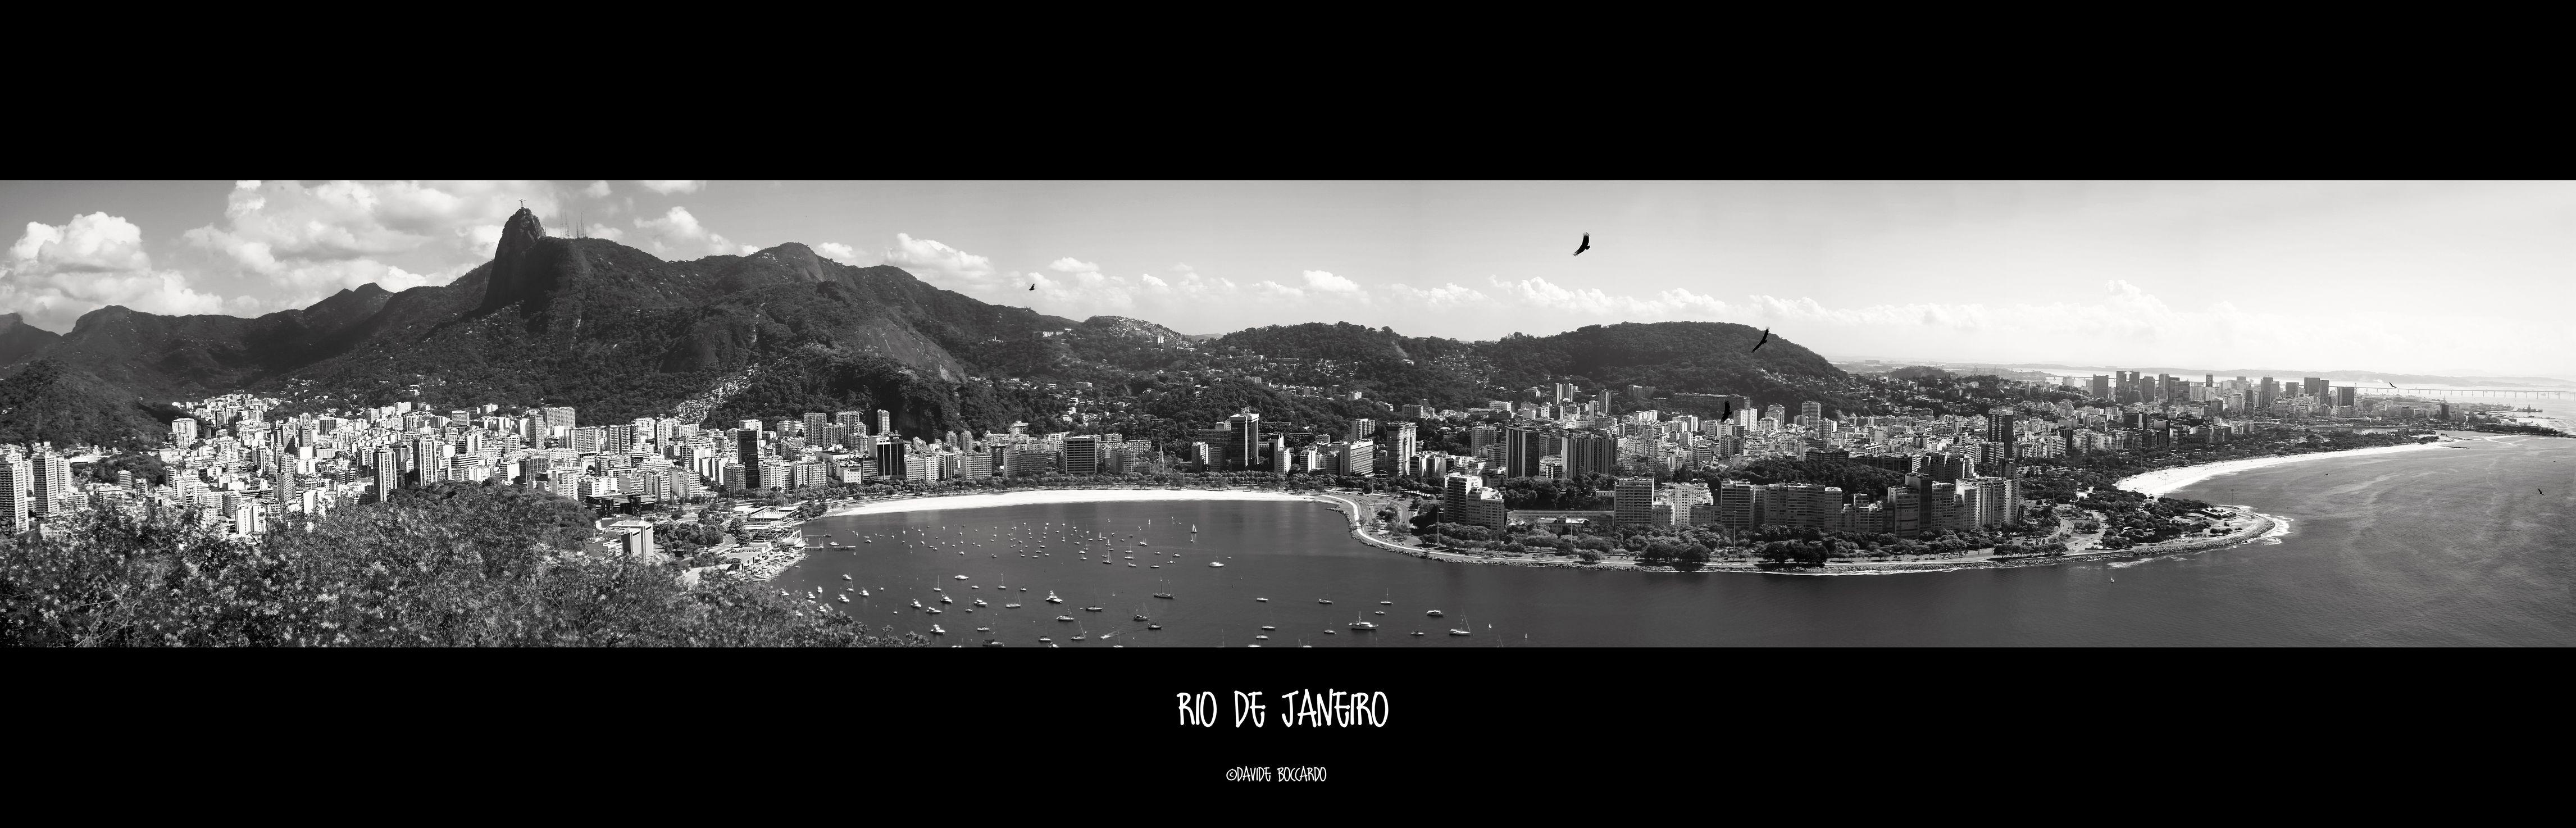 """A pic I took from the Pão de Açúcar in Rio de Janeiro. This is the """"Cidade Maravilhosa""""!"""